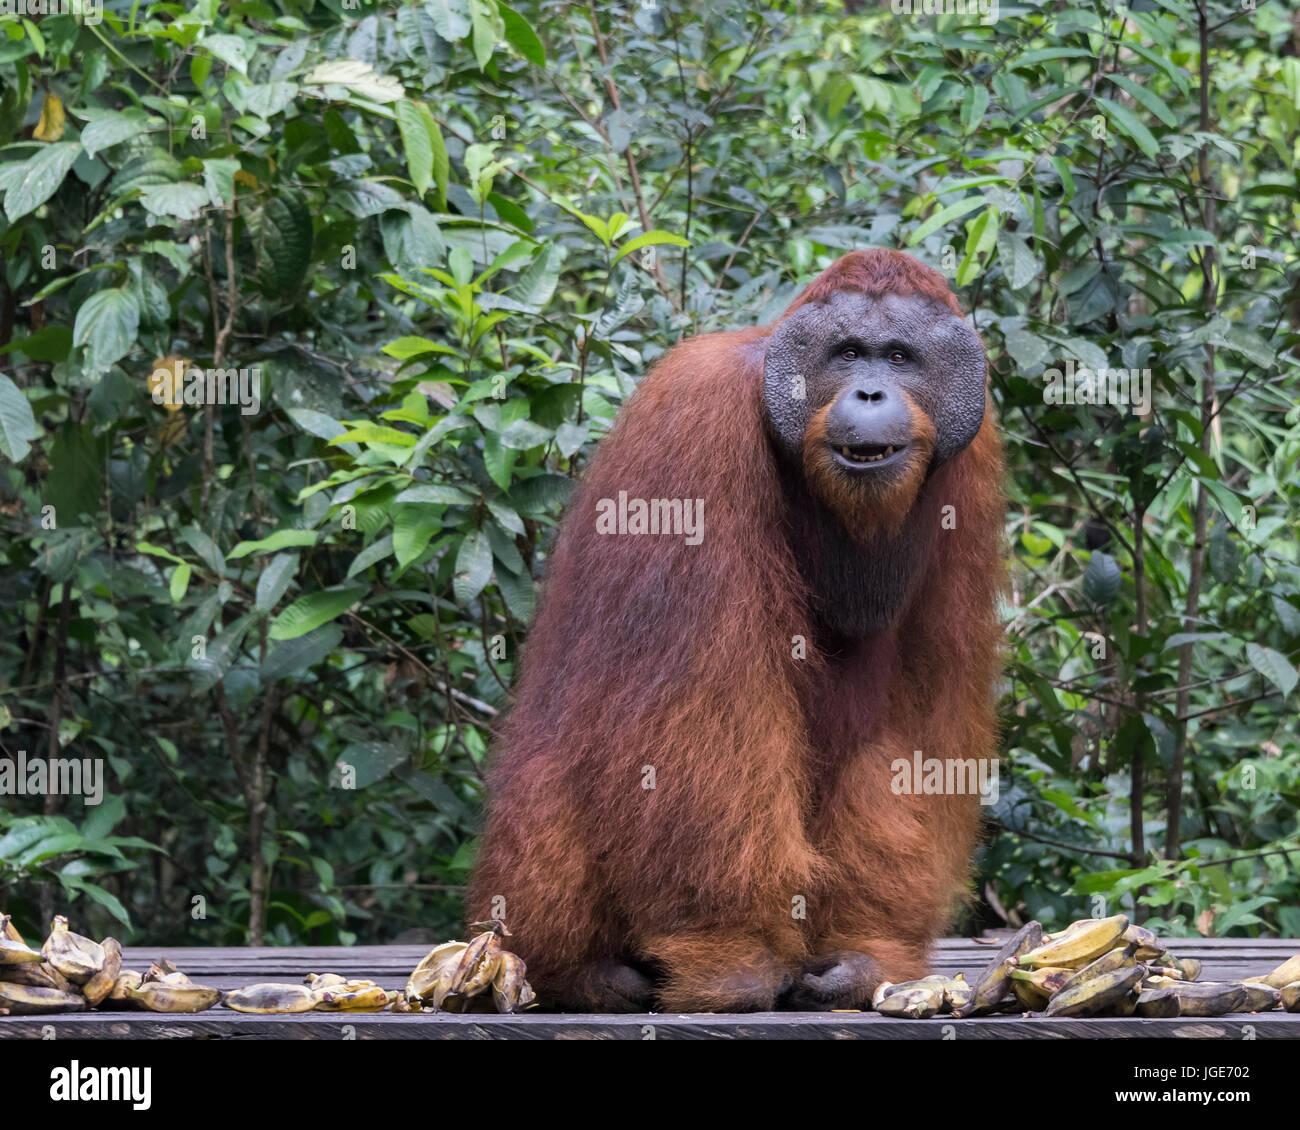 Orangutan flangiato con un bel sorriso seduta per il suo ritratto, Tanjung messa National Park, Kalimantan, Indonesia Immagini Stock